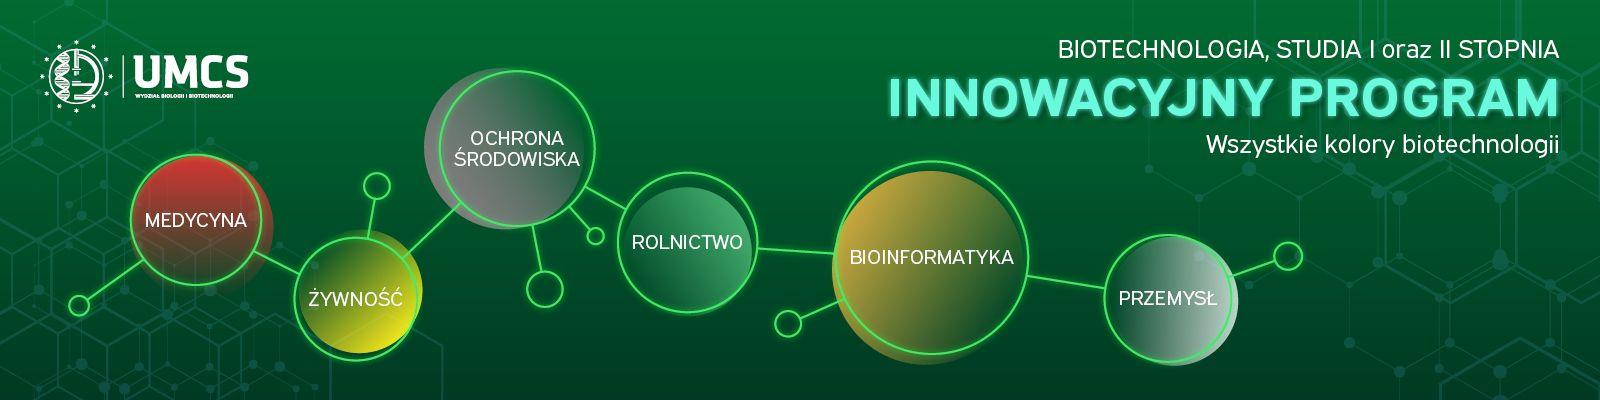 Biotechnologia - innowacyjny program studiów